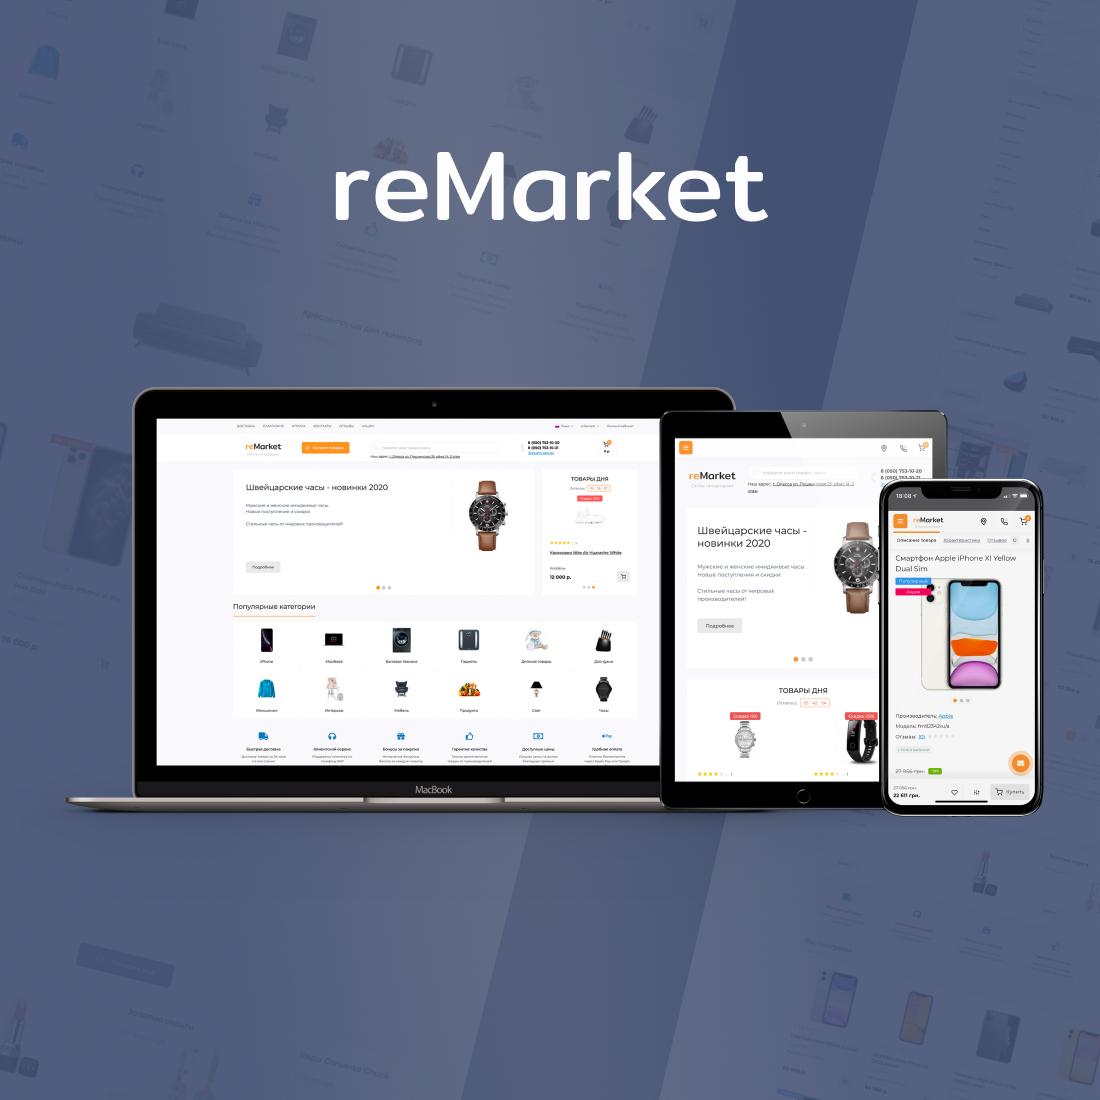 remarket2.jpg